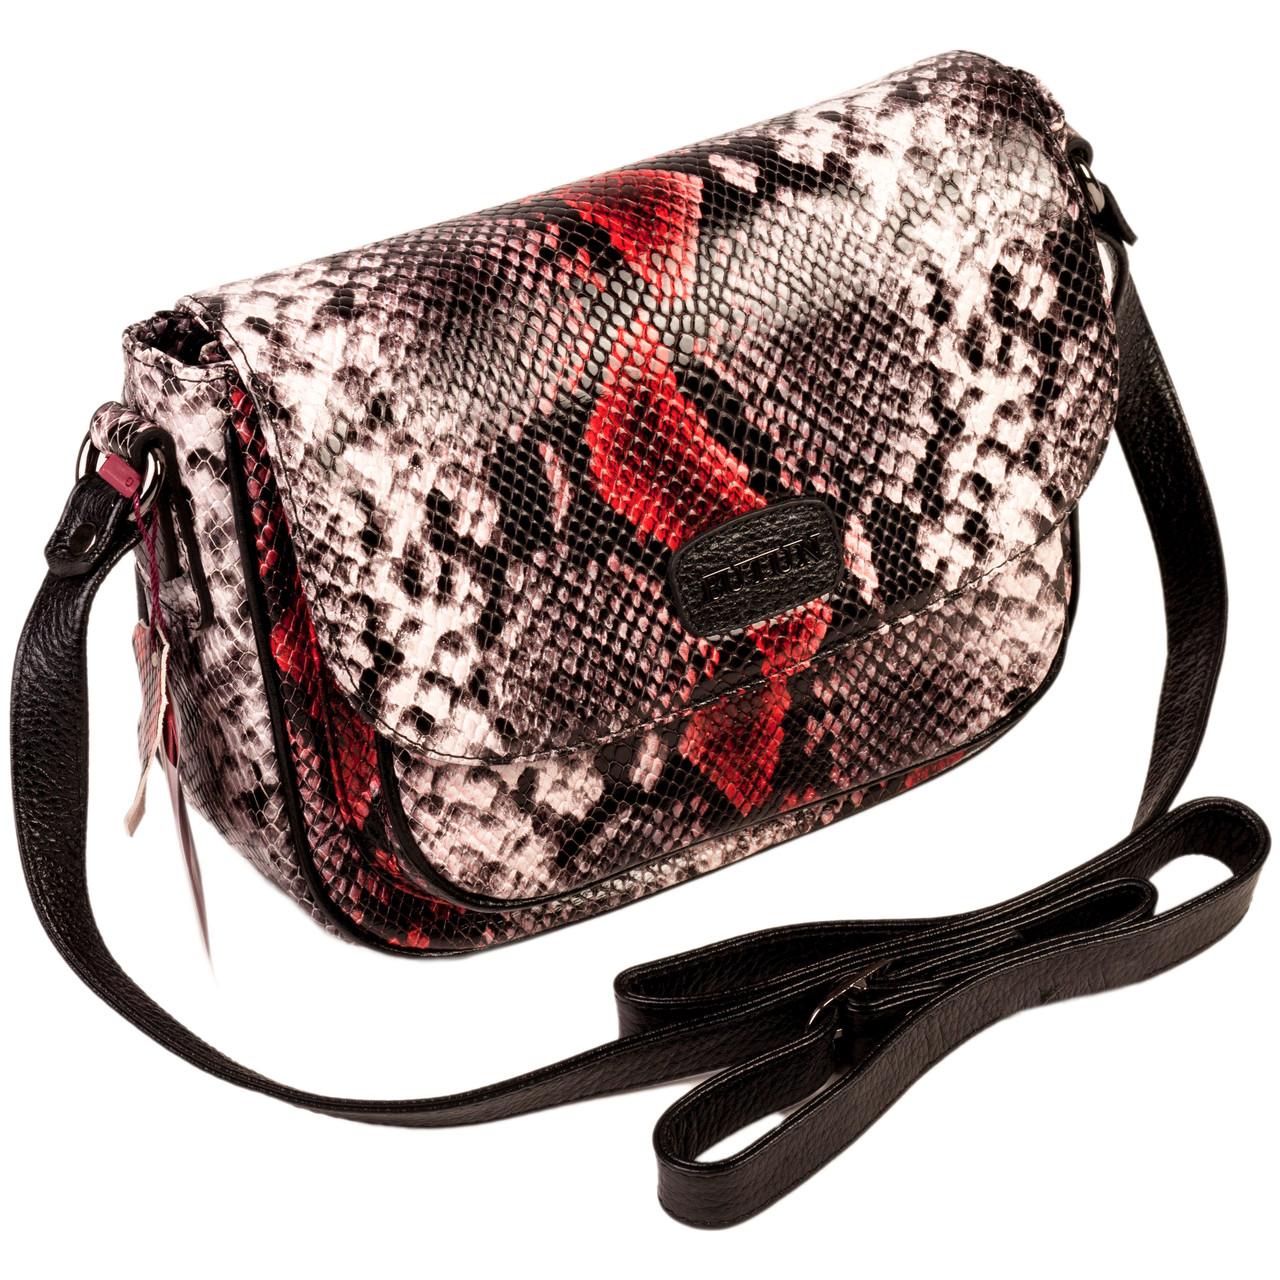 197a5f51 Женская сумка кожаная BUTUN 3100-038-006 кросс-боди